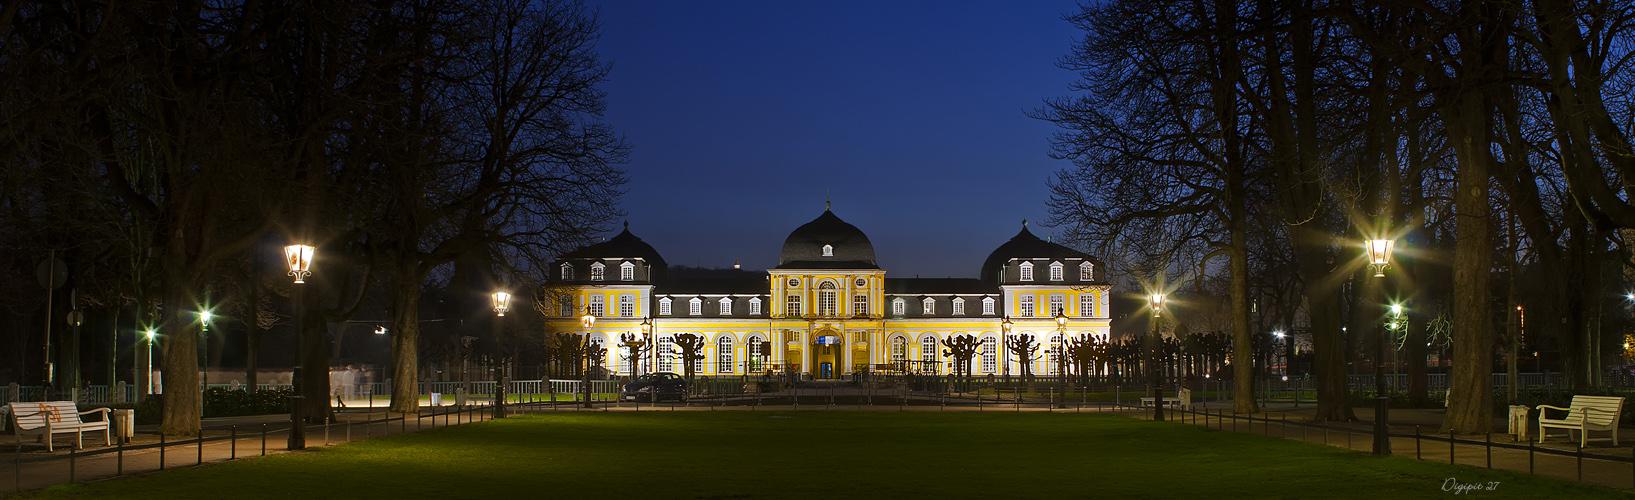 Bonn Poppelsdorfer Schloß 2